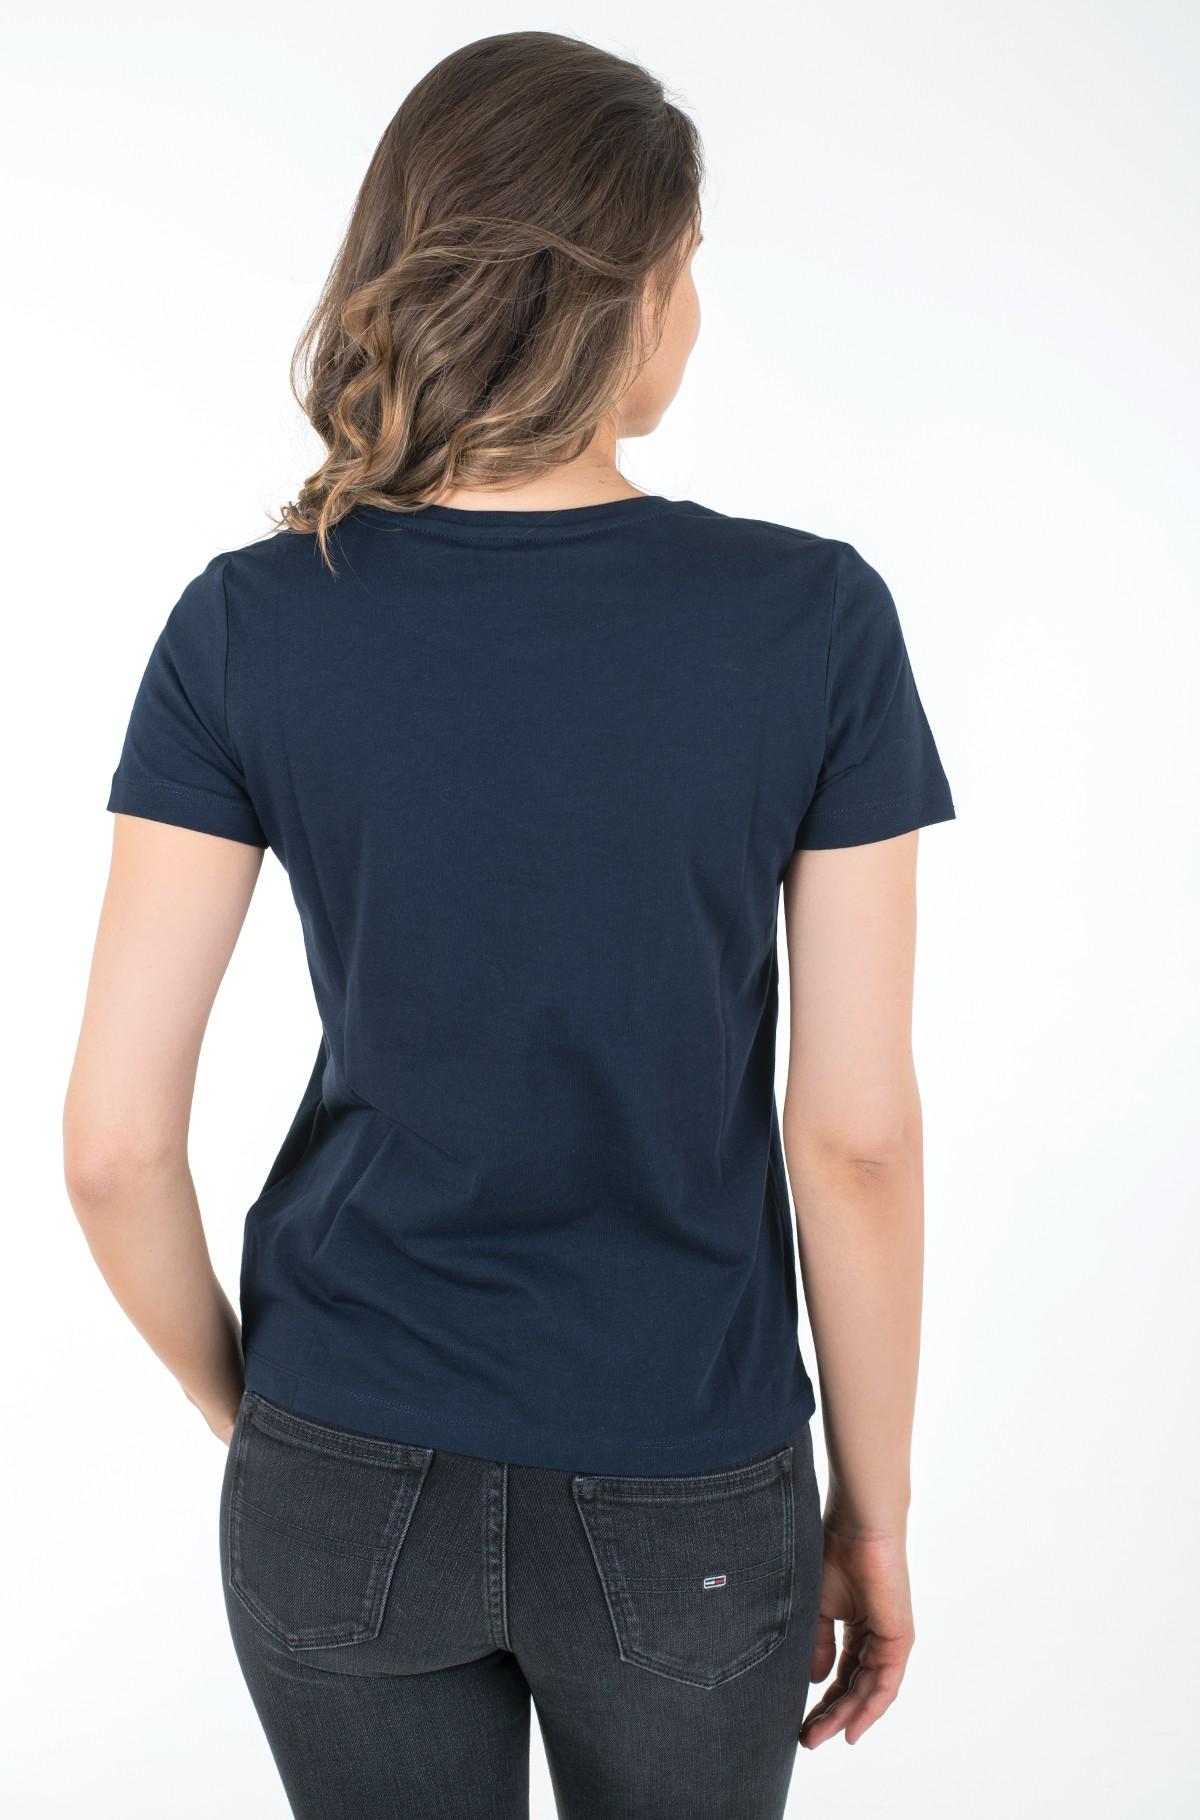 T-shirt ABO TEE REGULAR WOMEN UNITE 2-full-2